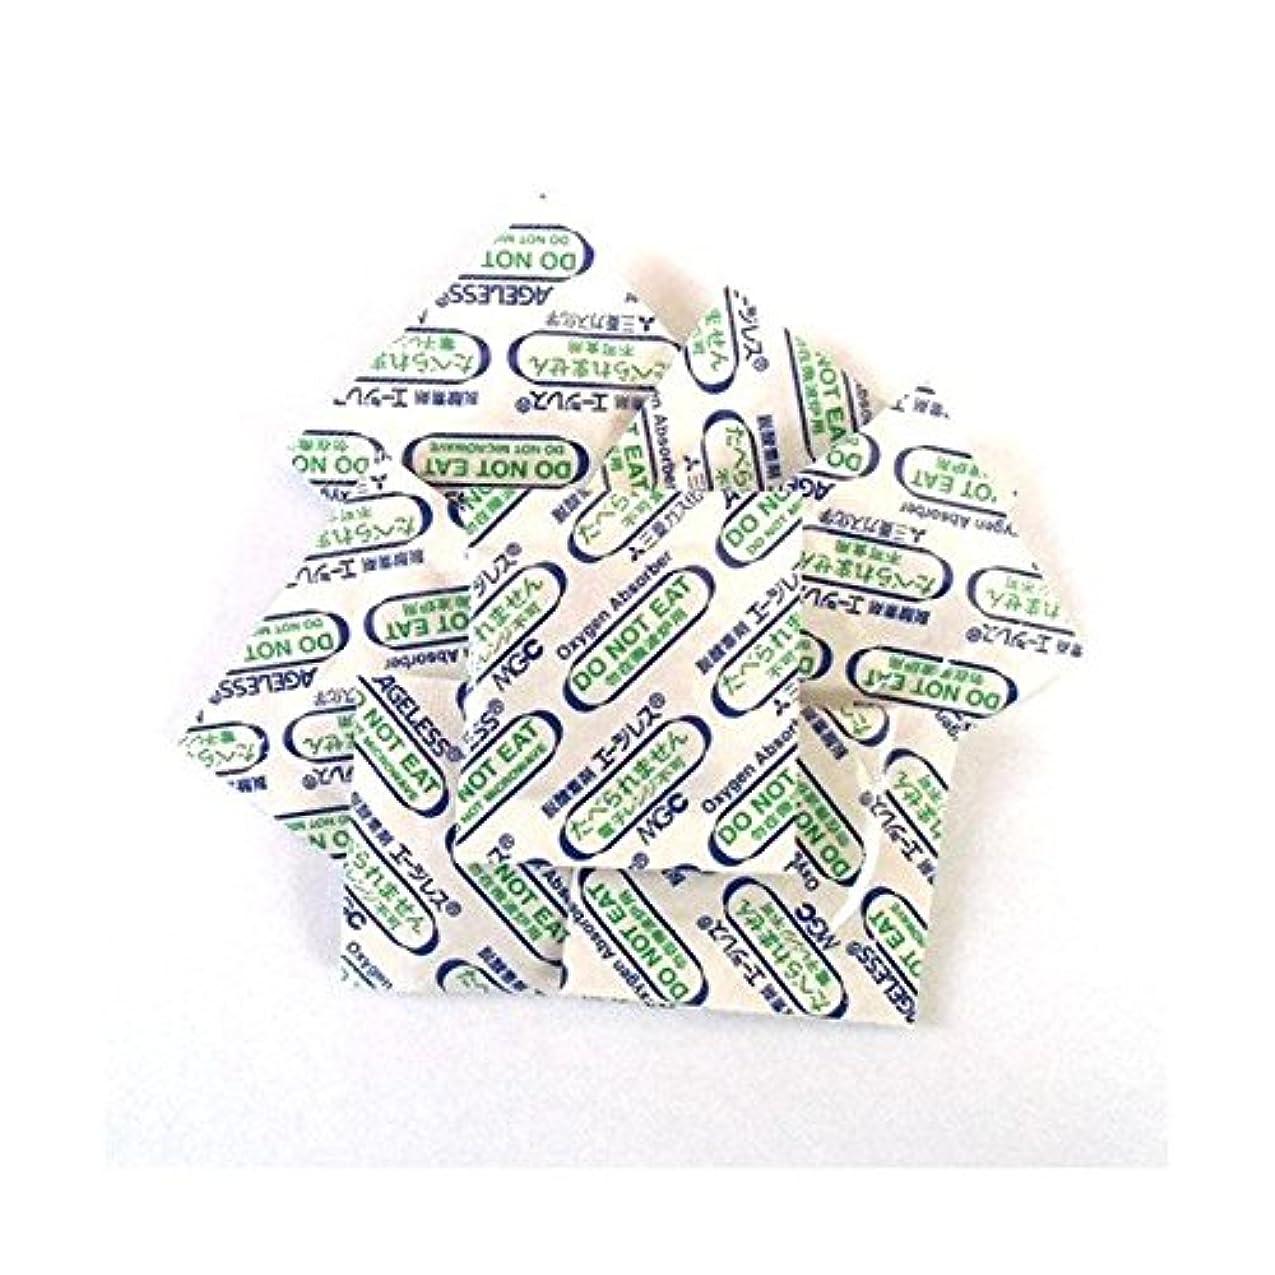 悲観的封筒昼寝脱酸素剤 エージレス ZPタイプ 小分け品 (ZP-50 20個 ×2)